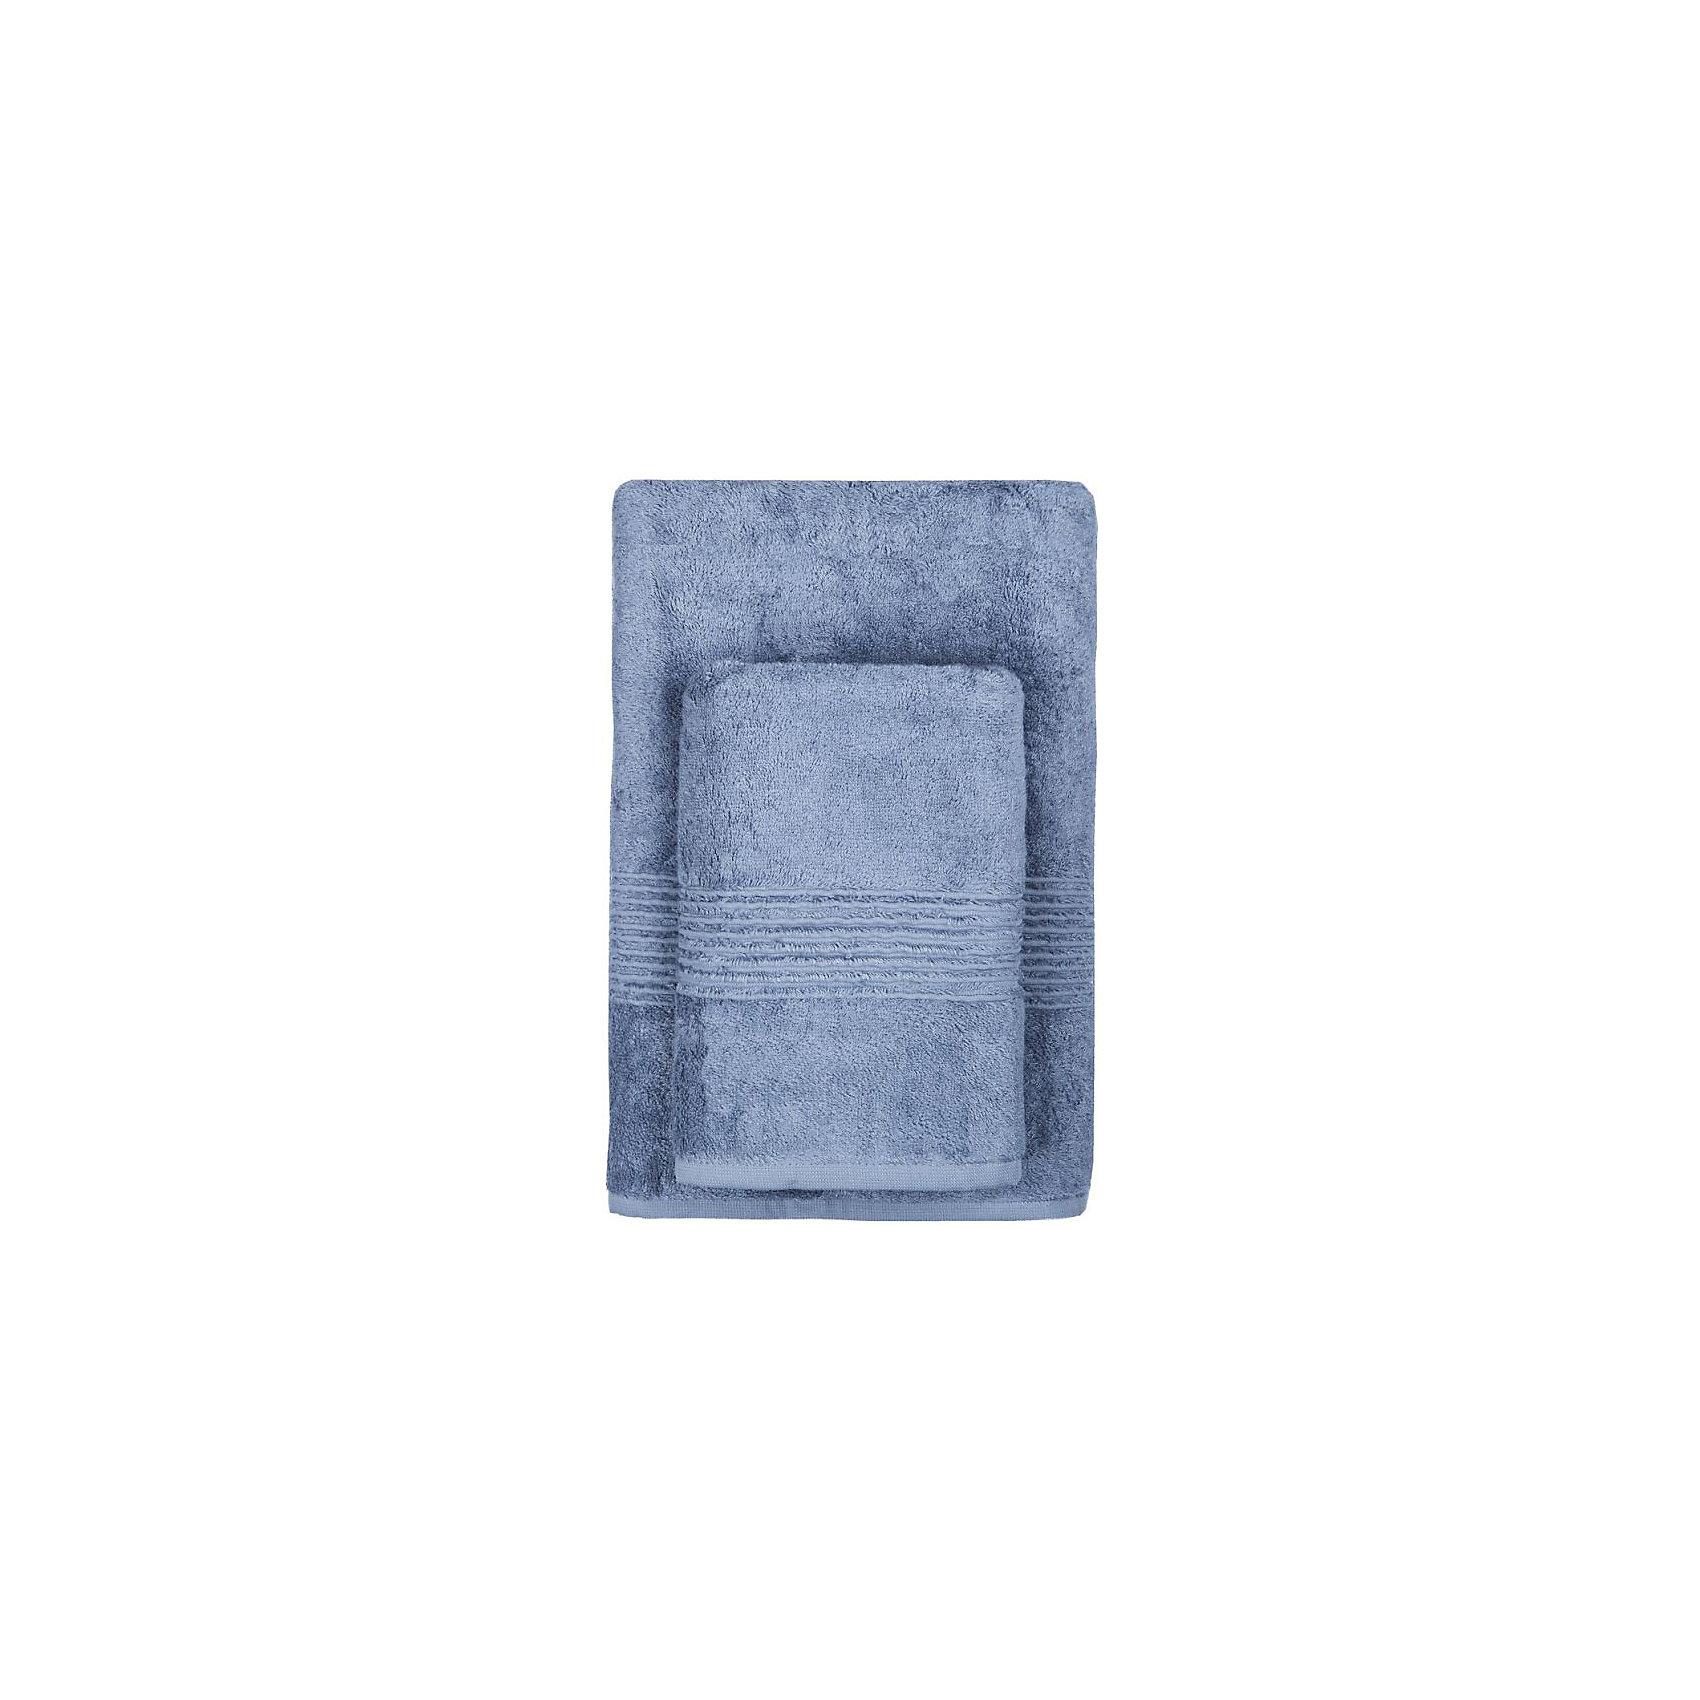 Полотенце махровое Maison Bambu, 70*140, TAC, синий (k.mavi)Ванная комната<br>Характеристики:<br><br>• Вид домашнего текстиля: махровое полотенце<br>• Размеры полотенца: 70*140 см<br>• Рисунок: без рисунка<br>• Декоративные элементы: бордюр<br>• Материал: хлопок, 50% хлопок; бамбук, 50%<br>• Цвет: синий<br>• Плотность полотна: 550 гр/м2 <br>• Вес: 550 г<br>• Размеры упаковки (Д*Ш*В): 37*5*25 см<br>• Особенности ухода: машинная стирка <br><br>Полотенце махровое Maison Bambu, 70*140, TAC, синий (k.mavi) от наиболее популярного бренда на отечественном рынке среди производителей комплектов постельного белья и текстильных принадлежностей, выпуском которого занимается производственная компания, являющаяся частью мирового холдинга Zorlu Holding Textiles Group. Полотенце выполнено из сочетания натурального хлопка и бамбукового волокна, что обеспечивает гипоаллергенность, высокую износоустойчивость, повышенные гигкоскопические и антибактериальные свойства изделия. <br><br>Благодаря высокой степени плотности махры, полотенце отлично впитывает влагу, но при этом остается мягким. Ворс окрашен стойкими нетоксичными красителями, который не оставляет запаха и обеспечивает ровный окрас. Полотенце сохраняет свой цвет и форму даже при частых стирках. Выполнено в синем цвете без рисунка, декорировано бордюром.<br><br>Полотенце махровое Maison Bambu, 70*140, TAC, синий (k.mavi) можно купить в нашем интернет-магазине.<br><br>Ширина мм: 250<br>Глубина мм: 30<br>Высота мм: 350<br>Вес г: 500<br>Возраст от месяцев: 216<br>Возраст до месяцев: 1188<br>Пол: Унисекс<br>Возраст: Детский<br>SKU: 5476329